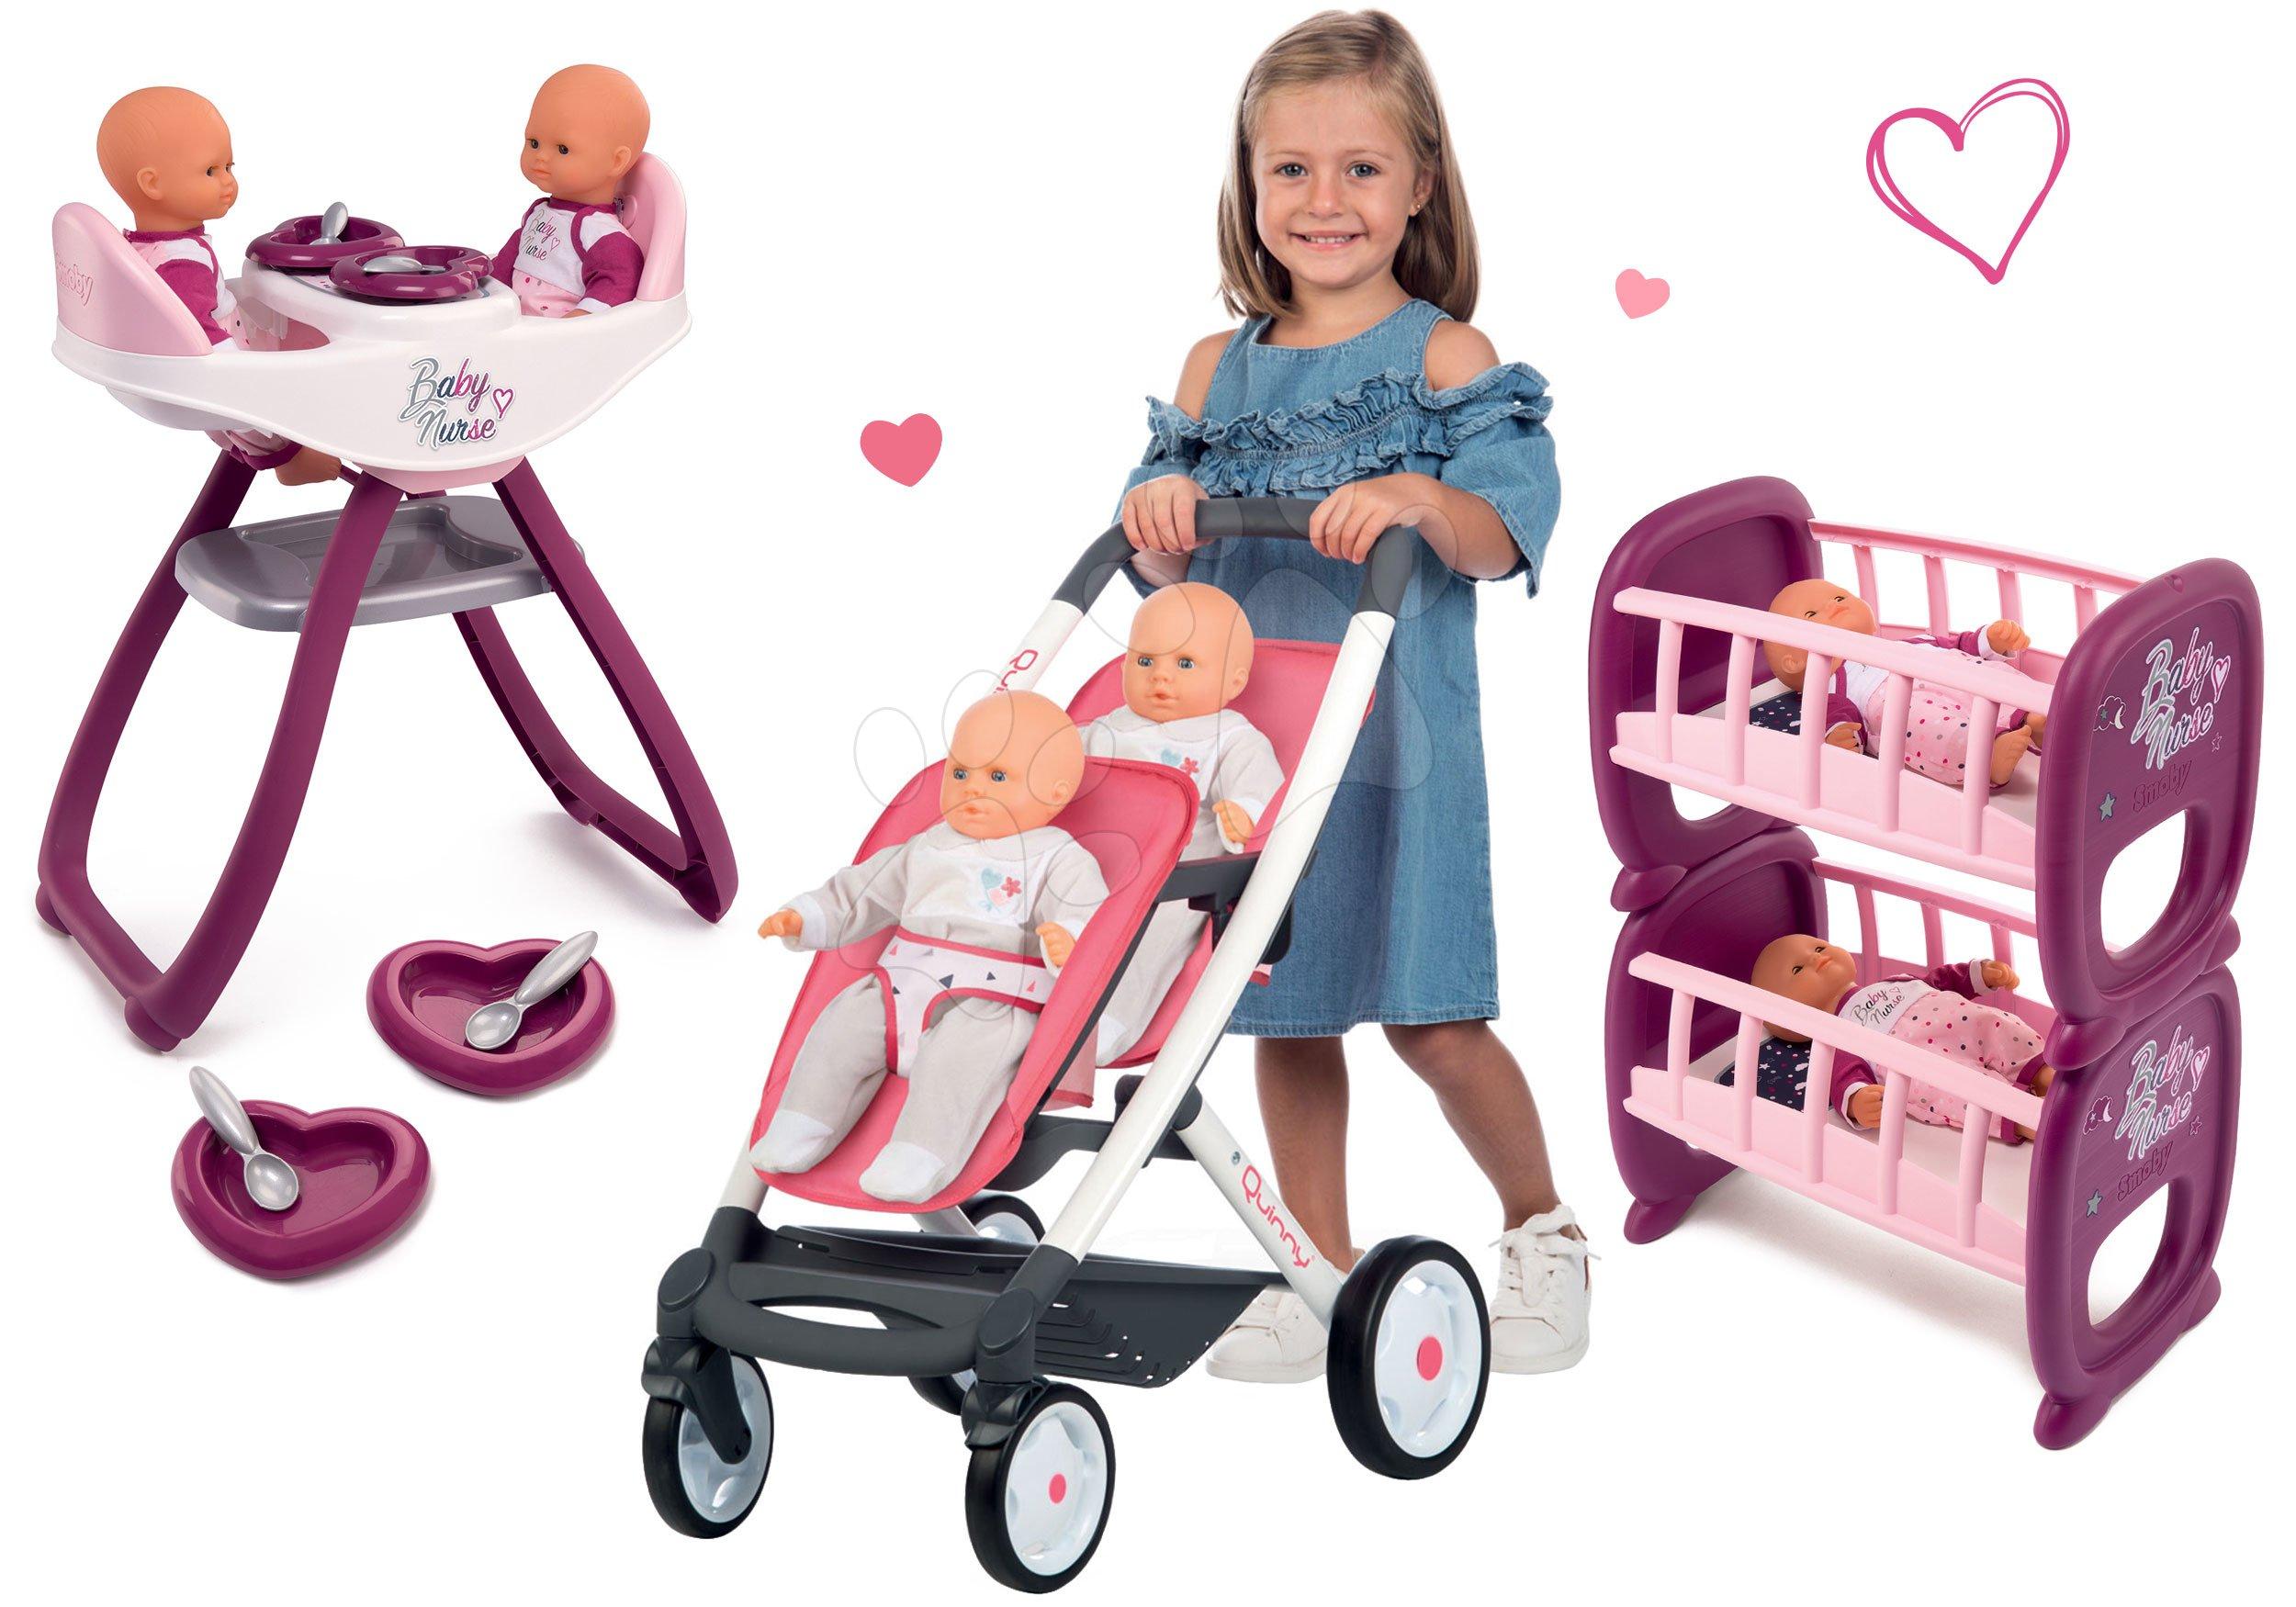 Set kočárek pro dvě panenky Twin Trio Pastel Maxi Cosi & Quinny Smoby a jídelní židle Baby Nurse a postýlky pro 42cm panenky